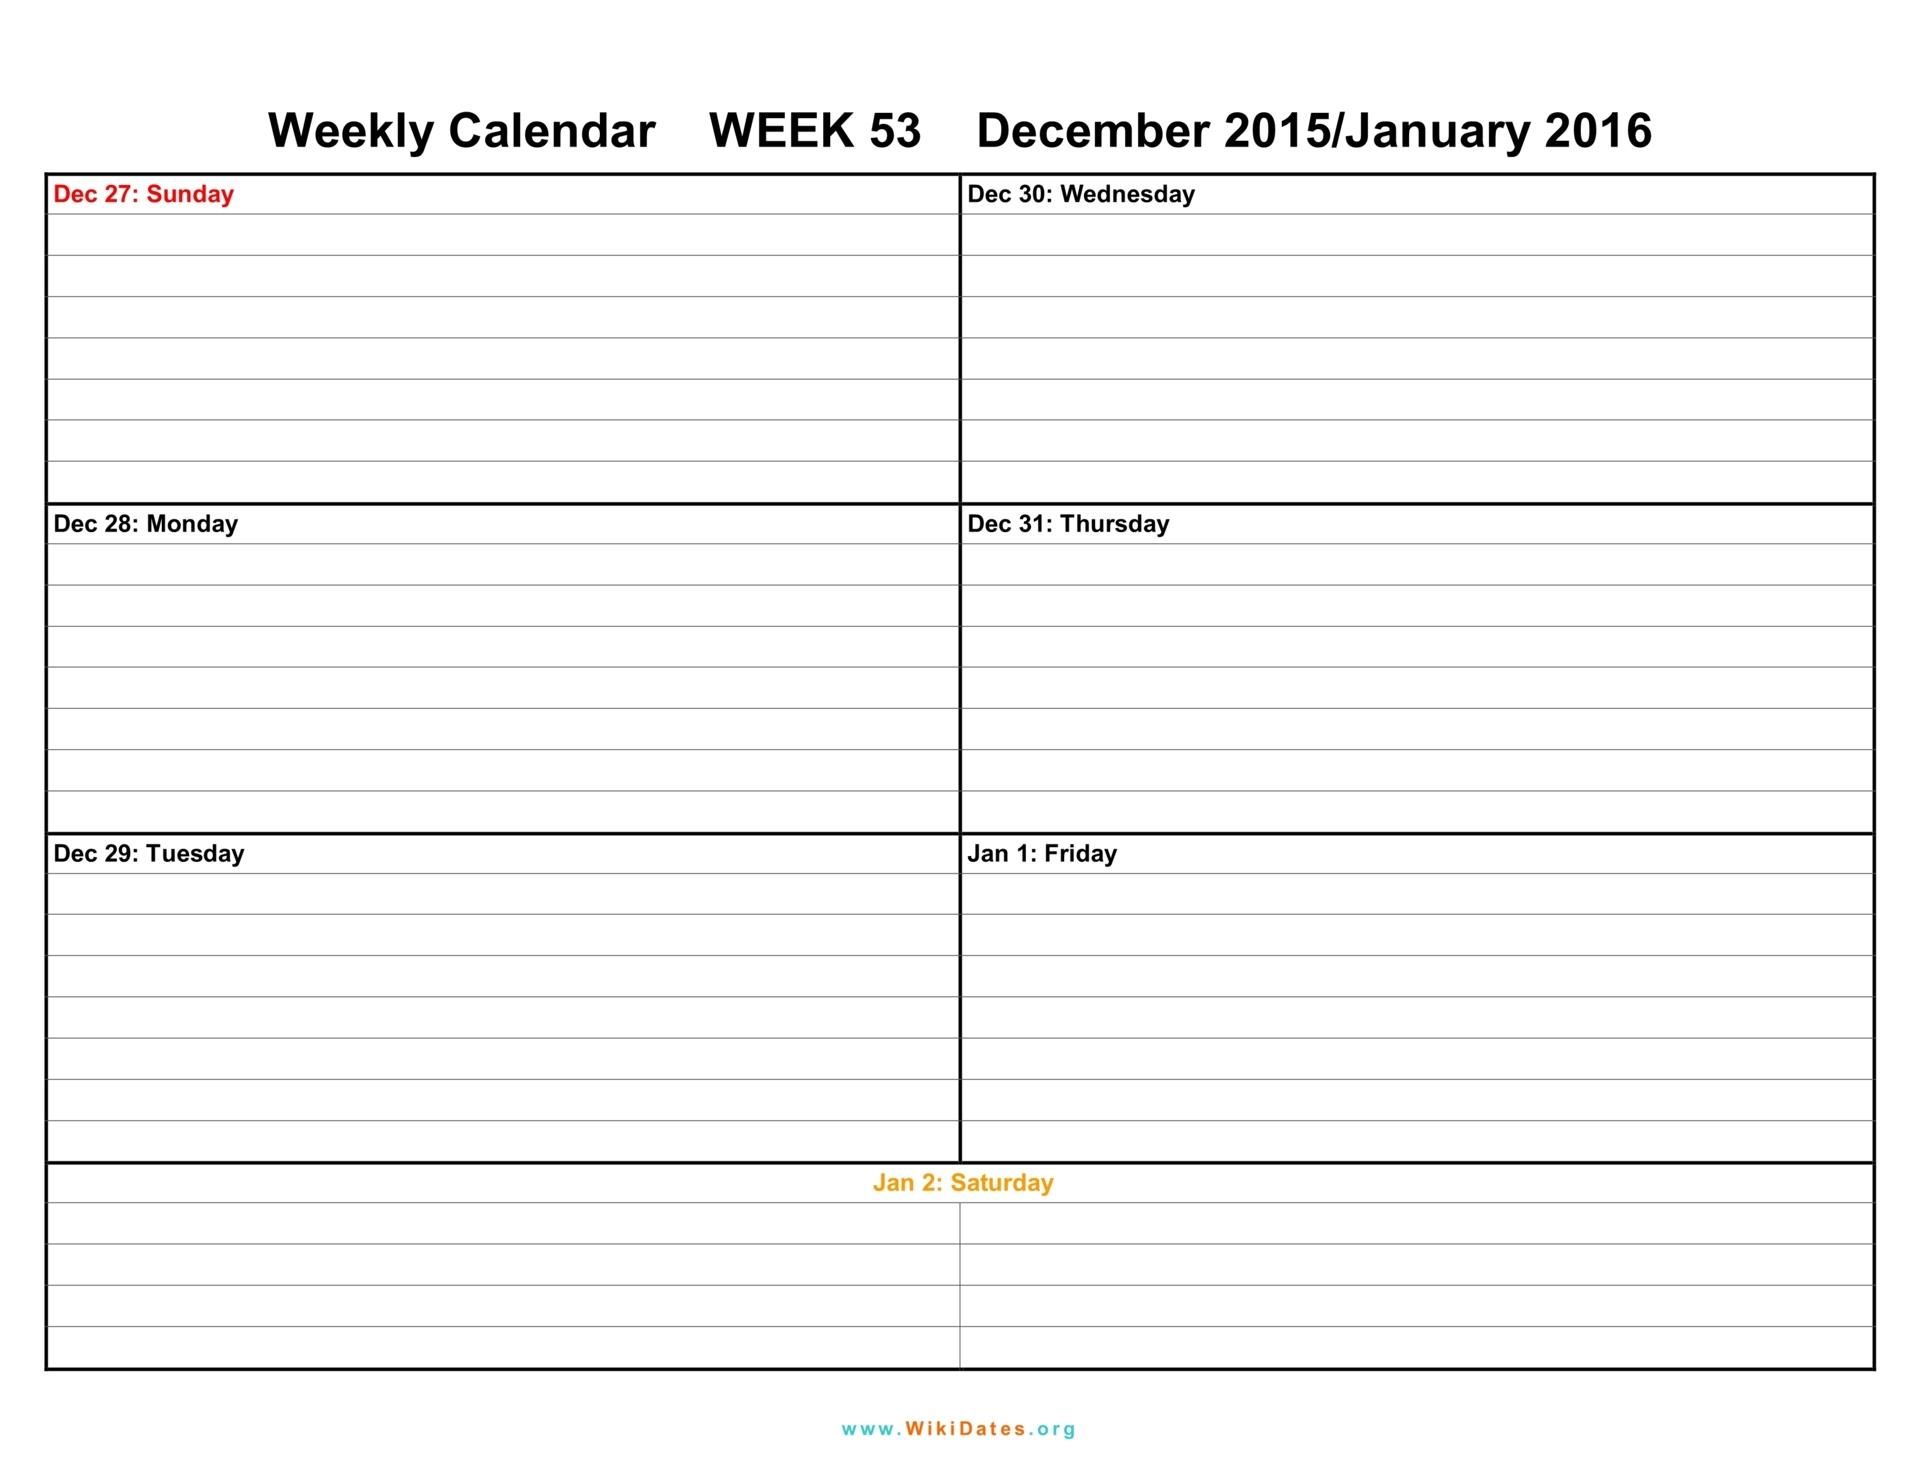 Pdf-Printable-Weekly-Calendar-Template-July for Free Printable Weekly Calendar Templates